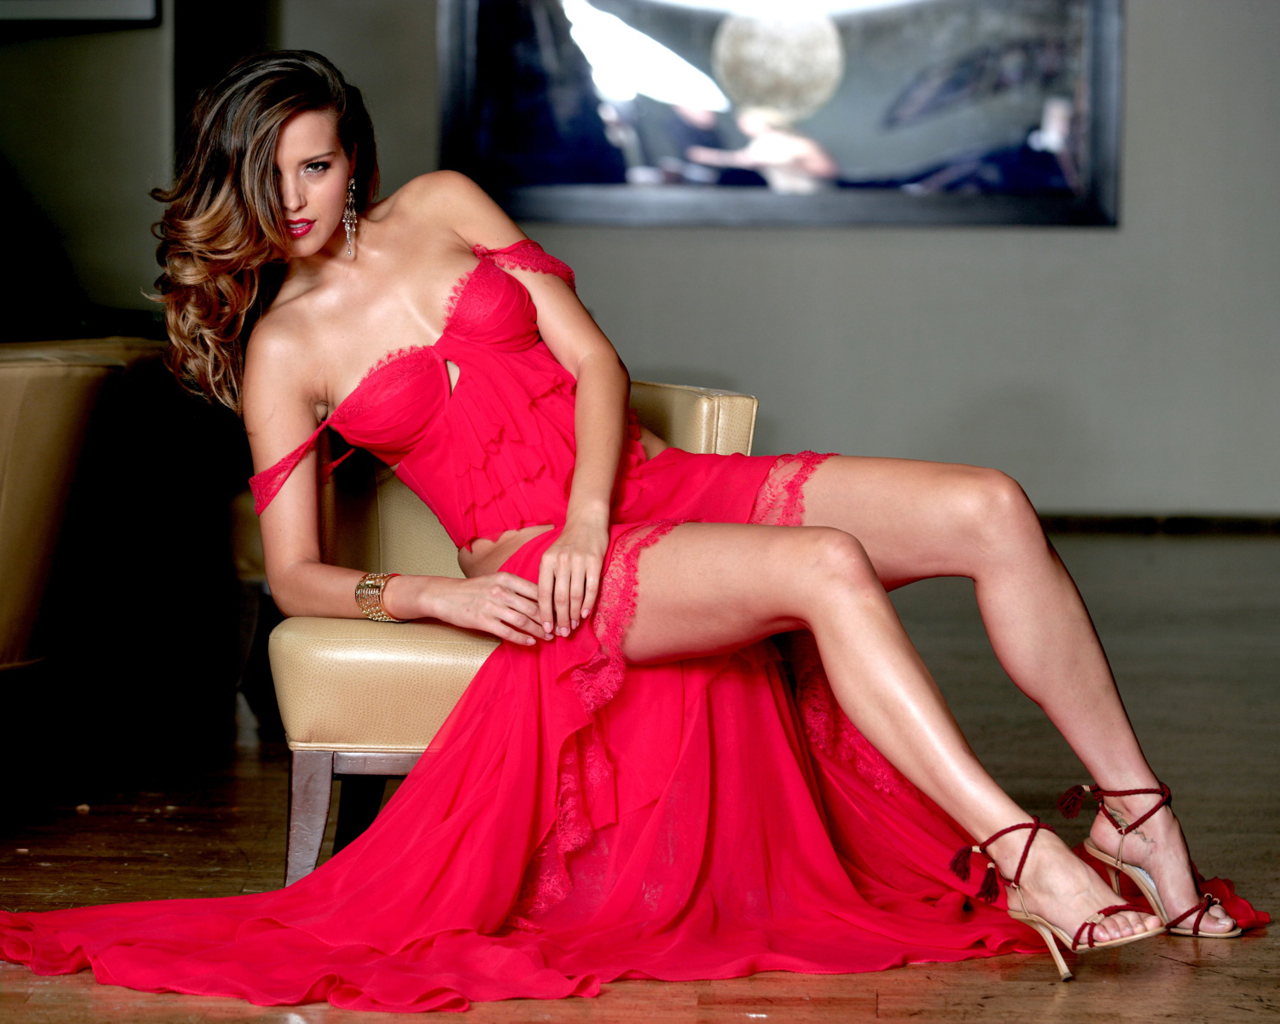 http://1.bp.blogspot.com/-zd3PiM-S2QM/ULB572P5bsI/AAAAAAAAAjg/gL7_M0pyYx4/s1600/Kate+Beckinsale+(19).jpg